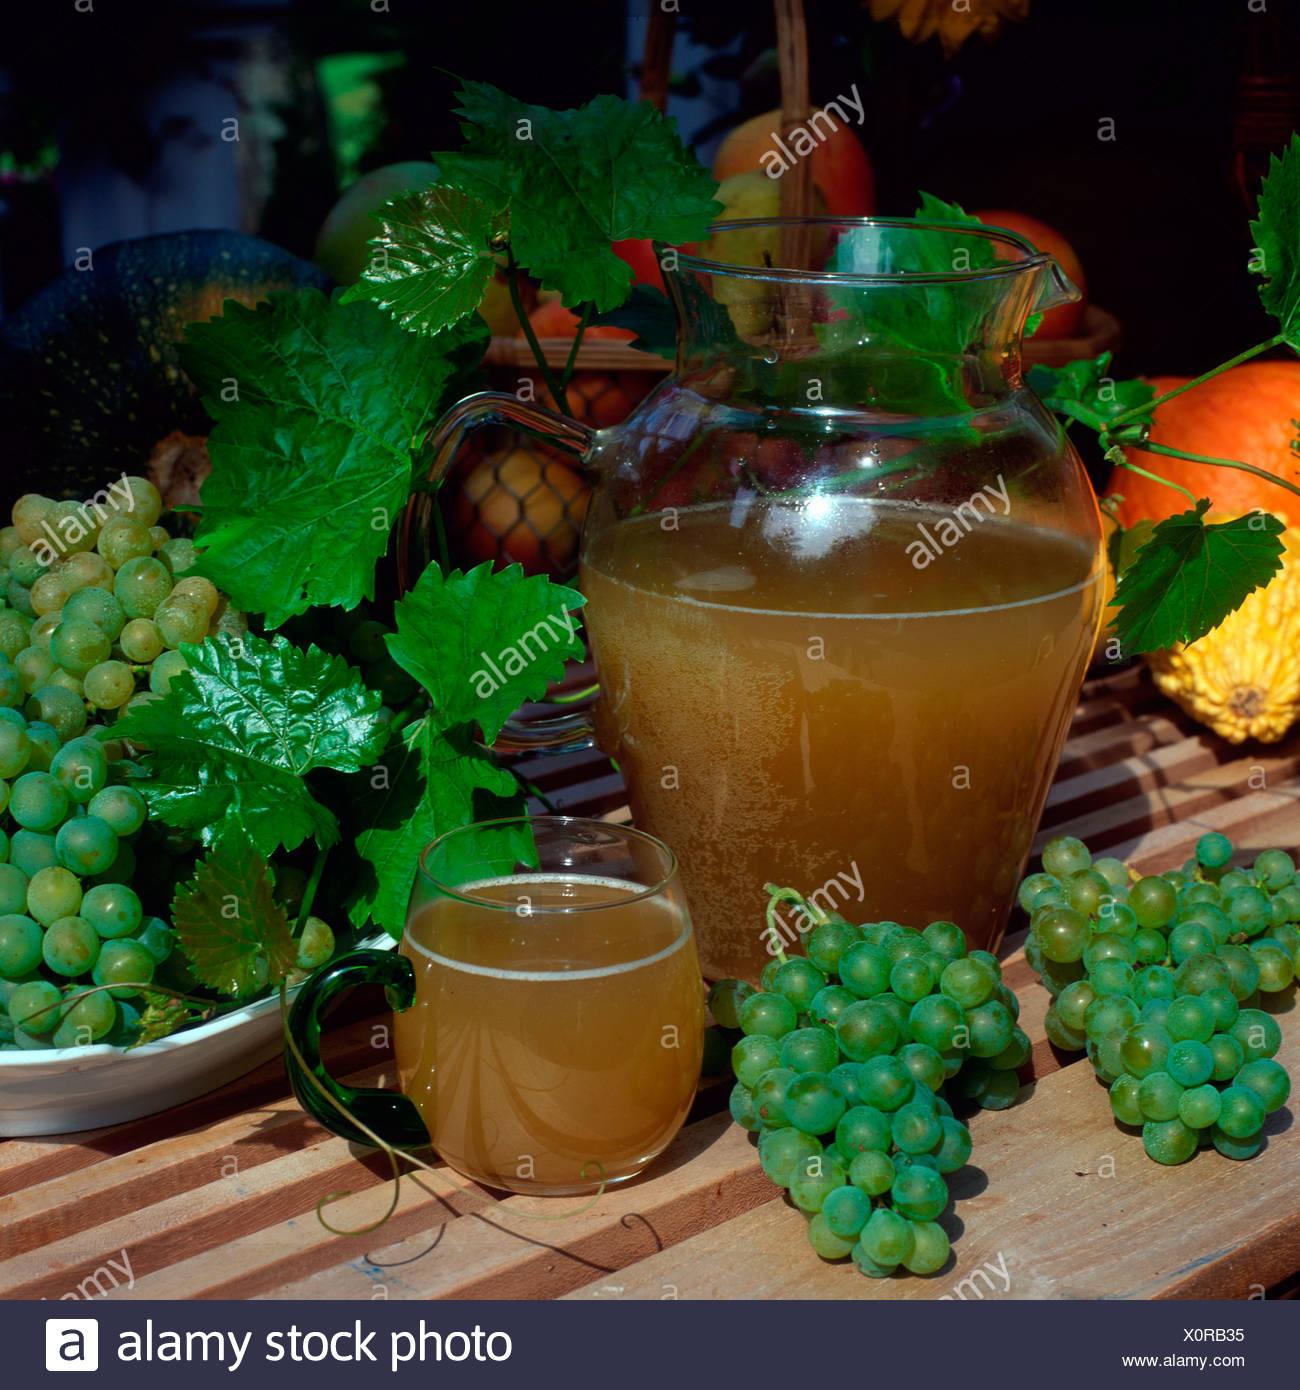 Preparata di fresco vino Immagini Stock